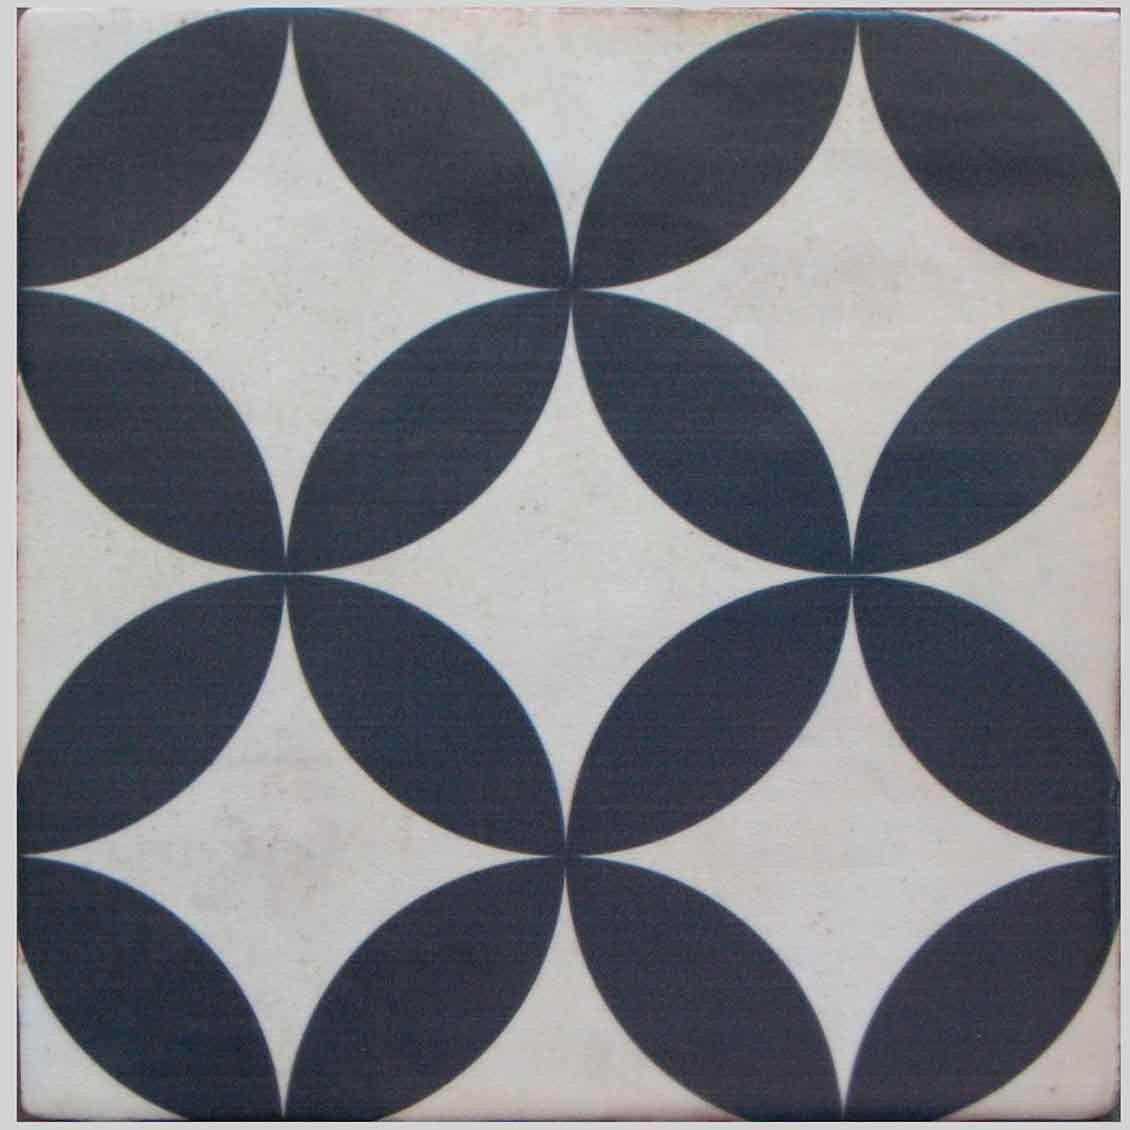 Carrelage imitation carreau ciment sol et mur 20 x 20 cm ...